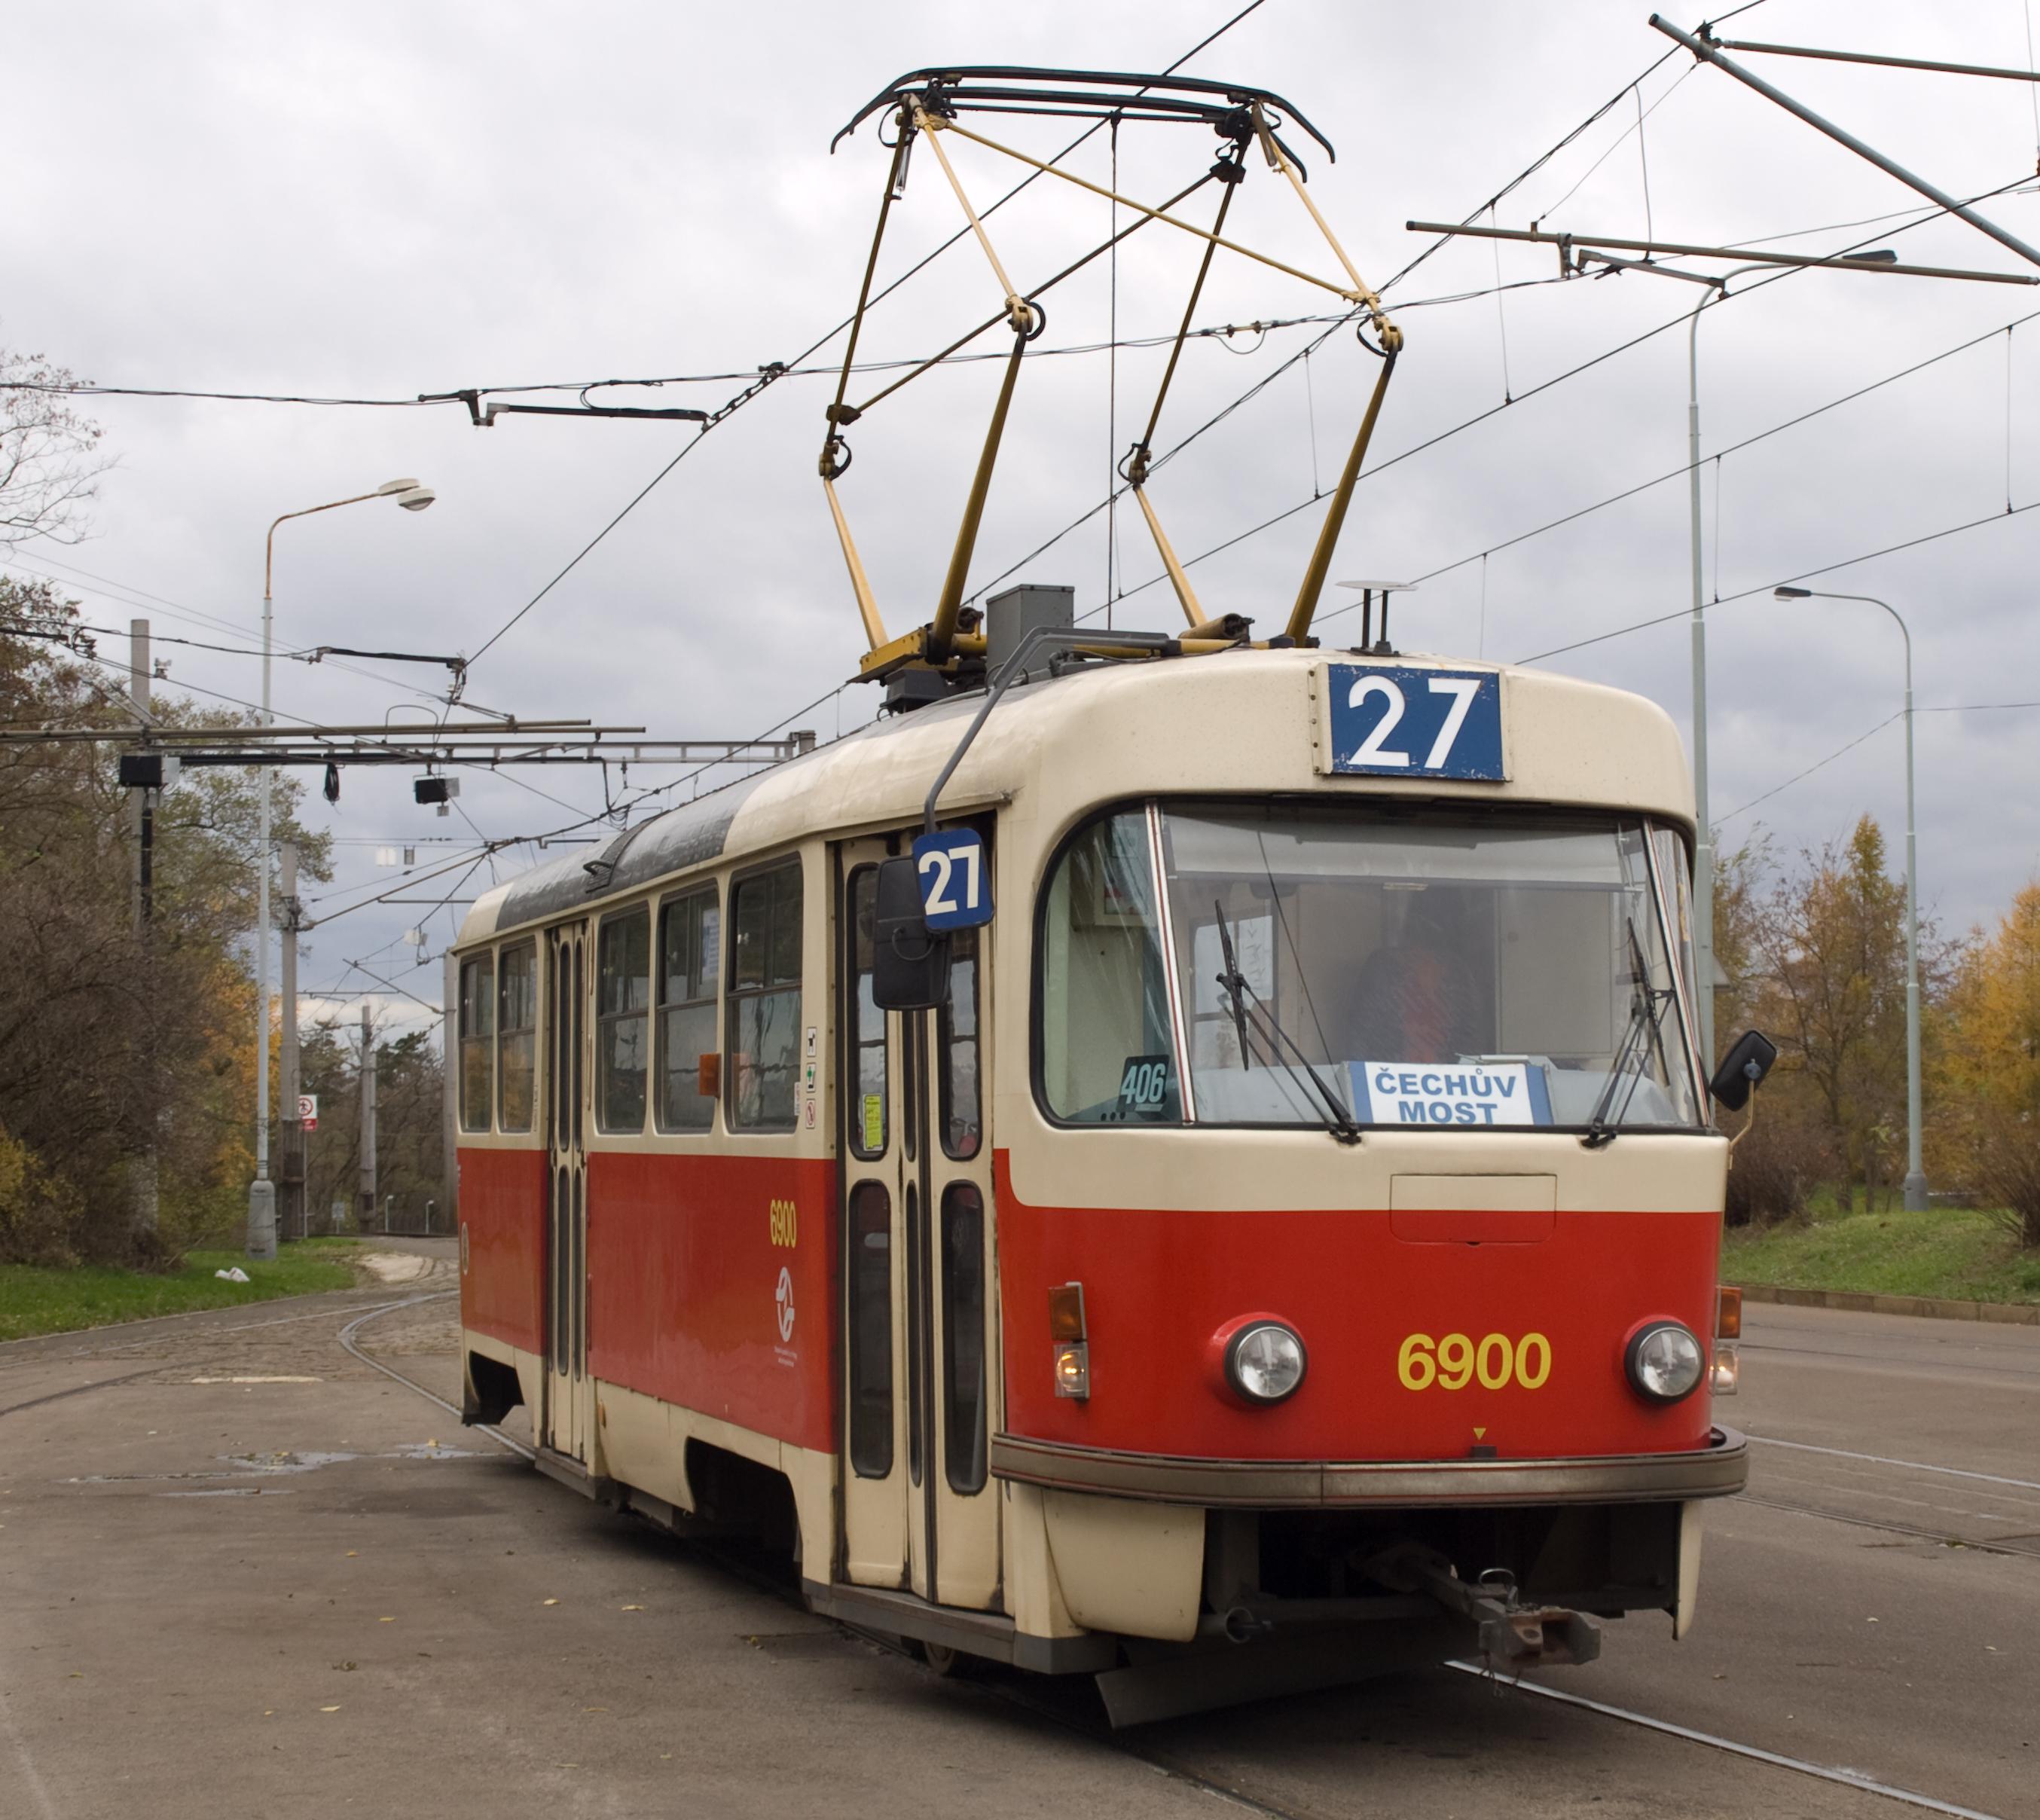 http://upload.wikimedia.org/wikipedia/commons/c/cc/Levského%2C_Tatra_T3_při_vjezdu%2C_detail.jpg